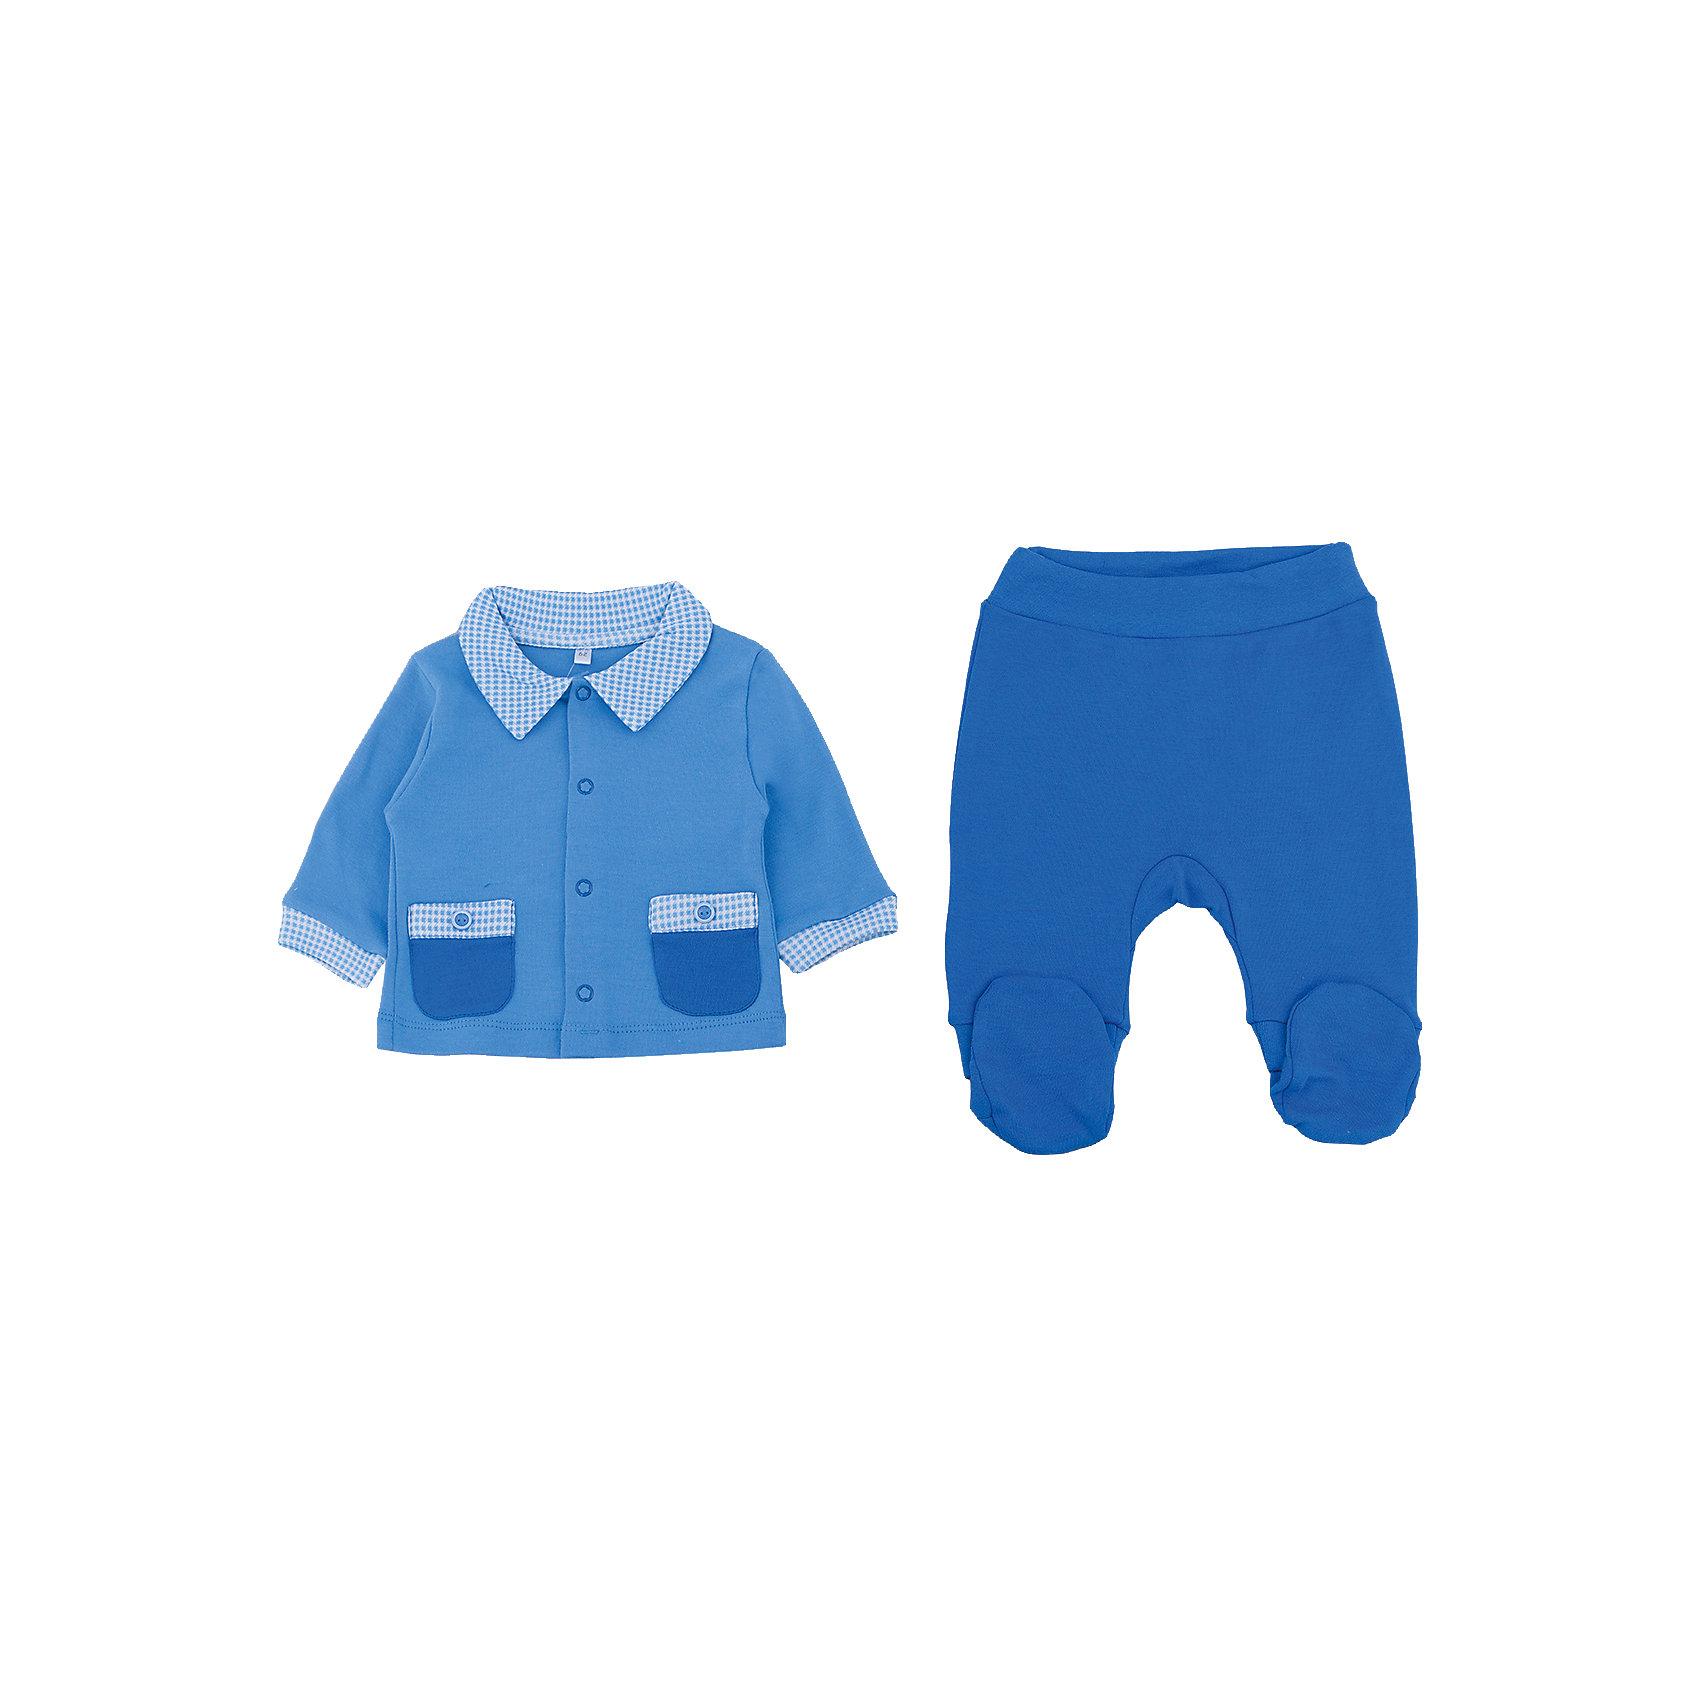 Комплект: ползунки и кофта  для мальчика Soni kidsКомплект: ползунки и кофта   Мишка Джентельмен  для мальчика Soni kids <br>Состав: 100% хлопок<br><br>Ширина мм: 157<br>Глубина мм: 13<br>Высота мм: 119<br>Вес г: 200<br>Цвет: разноцветный<br>Возраст от месяцев: 3<br>Возраст до месяцев: 6<br>Пол: Мужской<br>Возраст: Детский<br>Размер: 68,62,74<br>SKU: 4944750